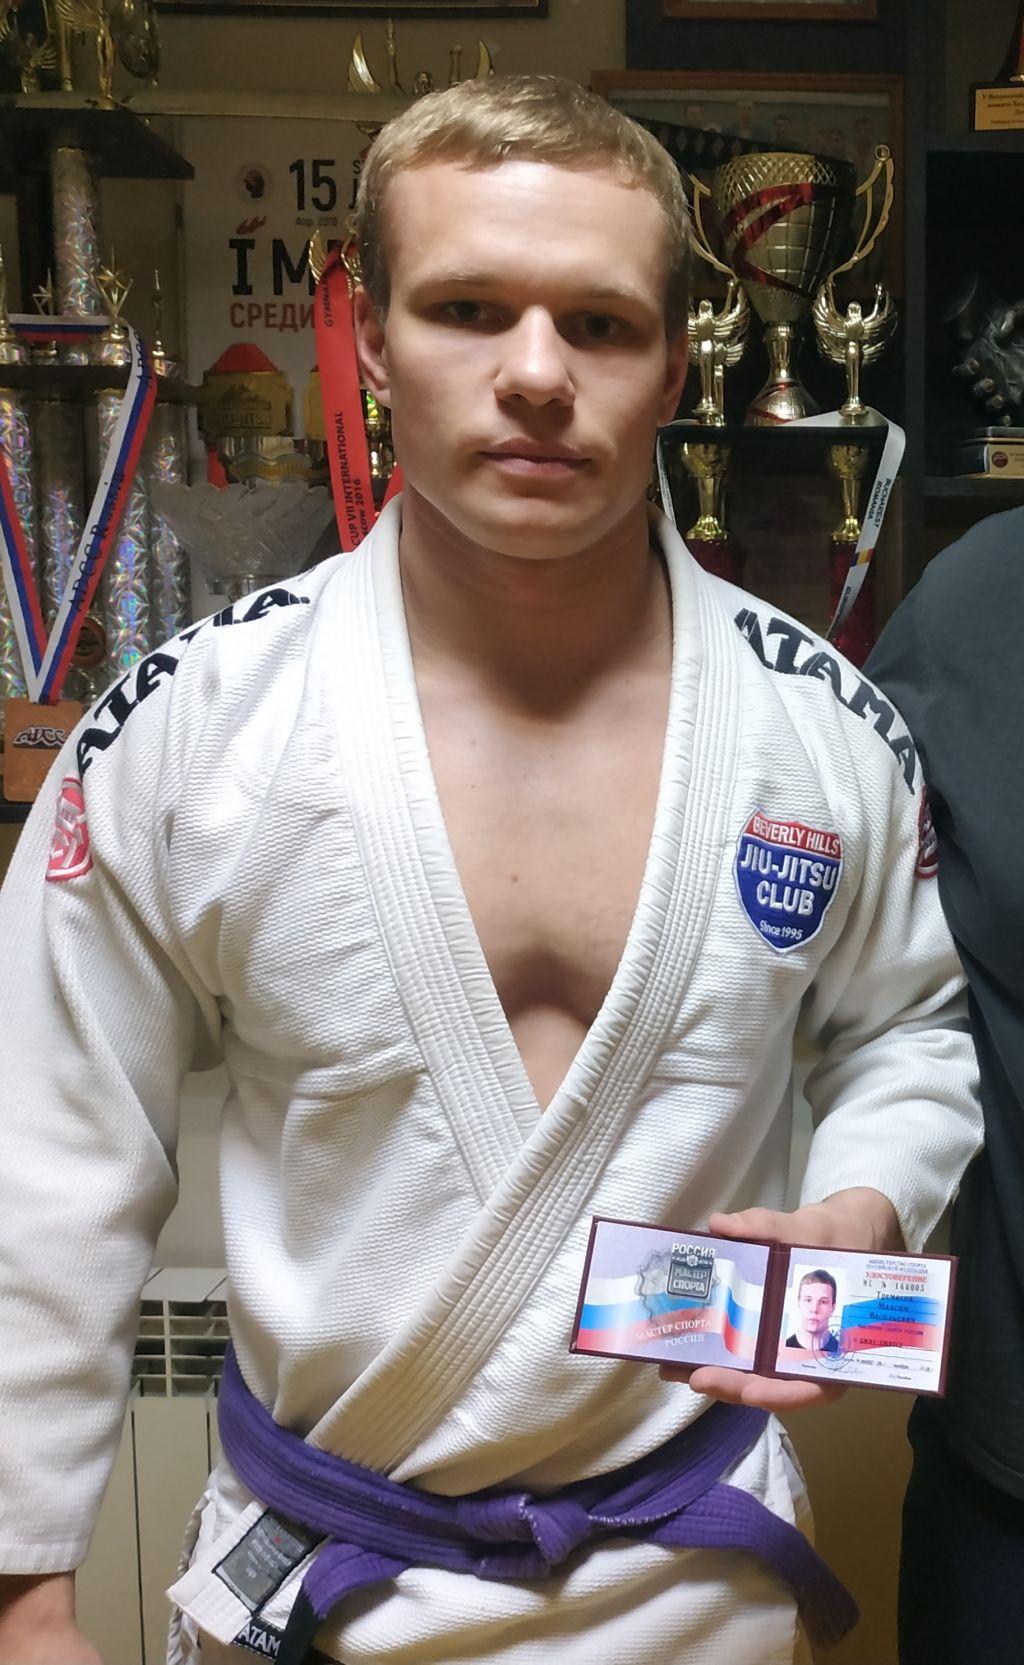 Поздравляем с Днём Рождения Тремасова Максима! желаем Ему Здоровья и Успехов в Учёбе и Спорте!